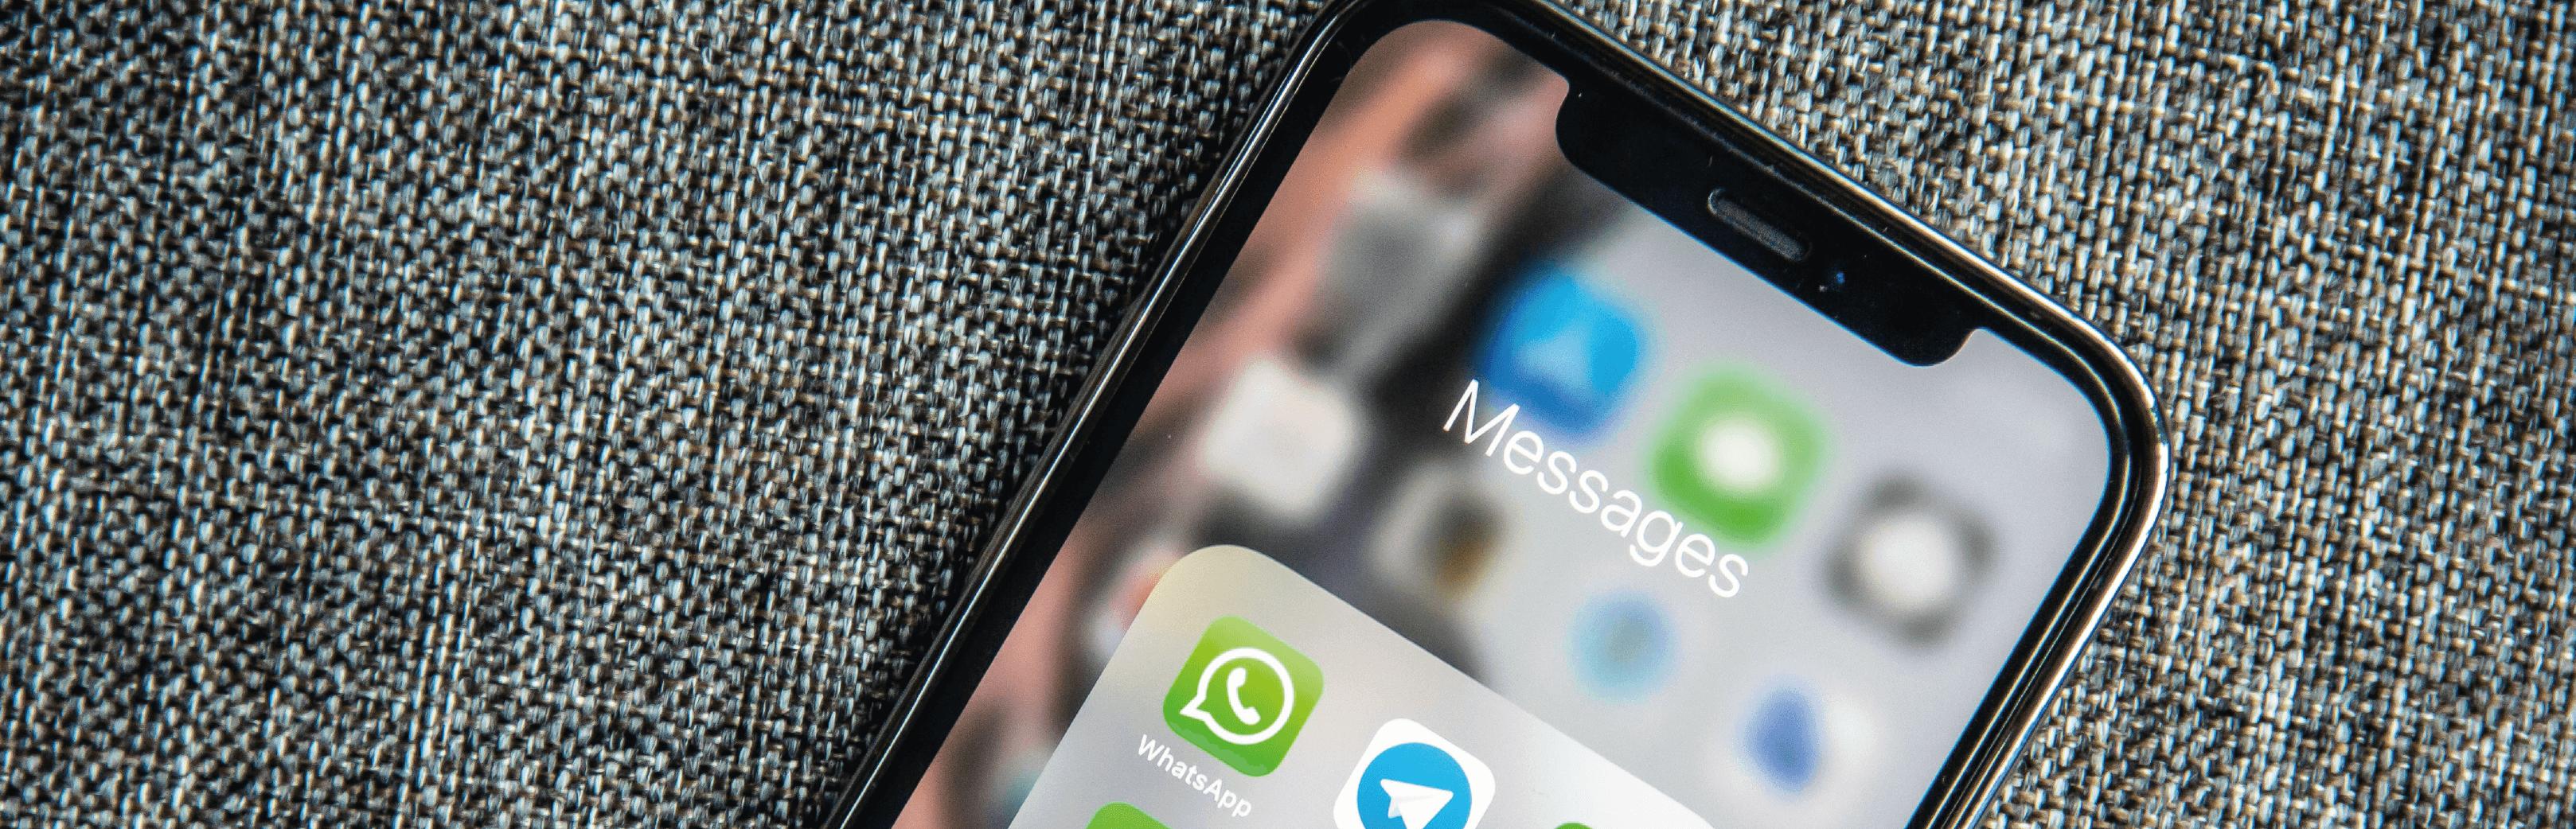 Templates para WhatsApp: conheça as melhores práticas